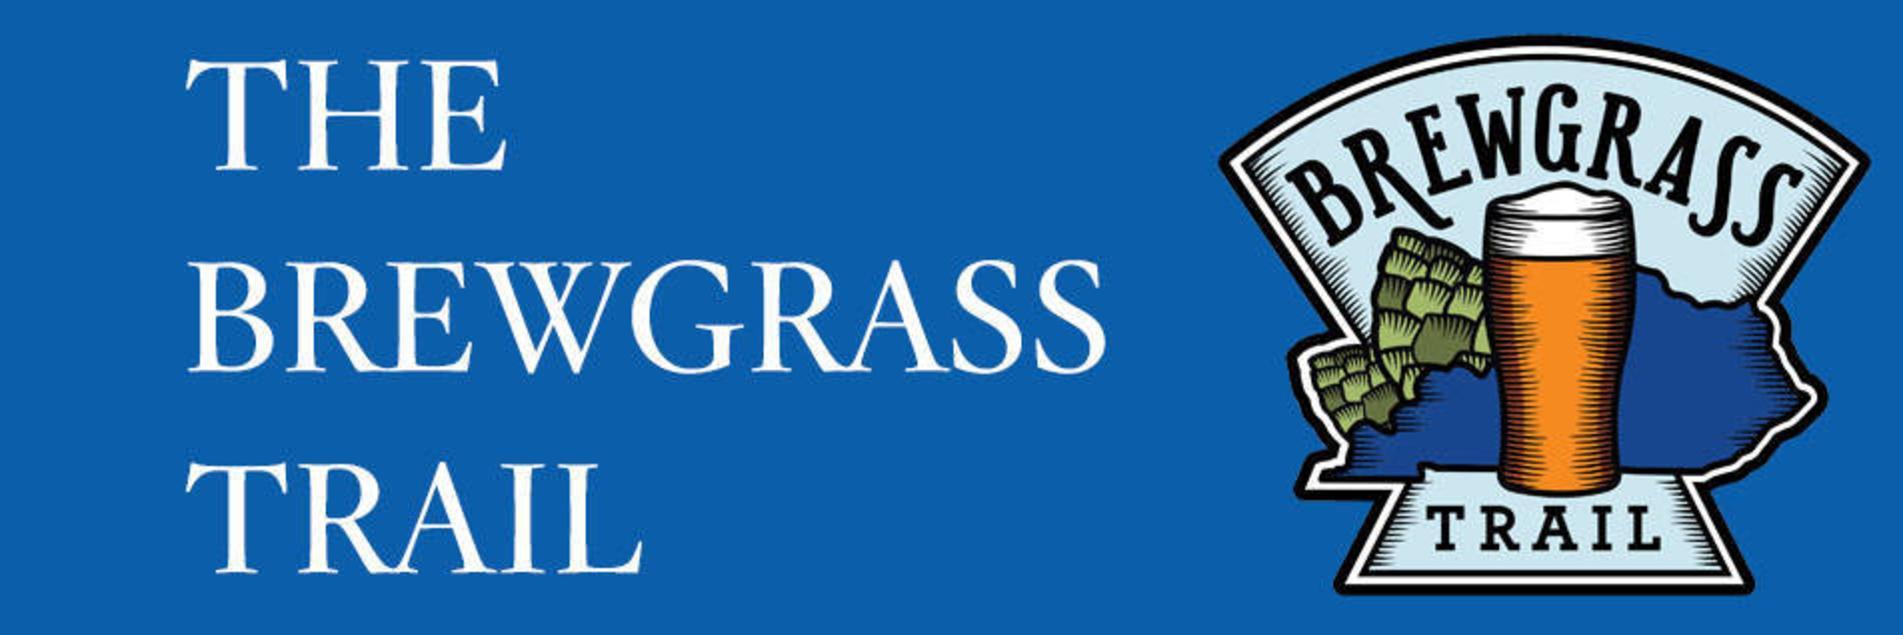 Brewgrass Trail